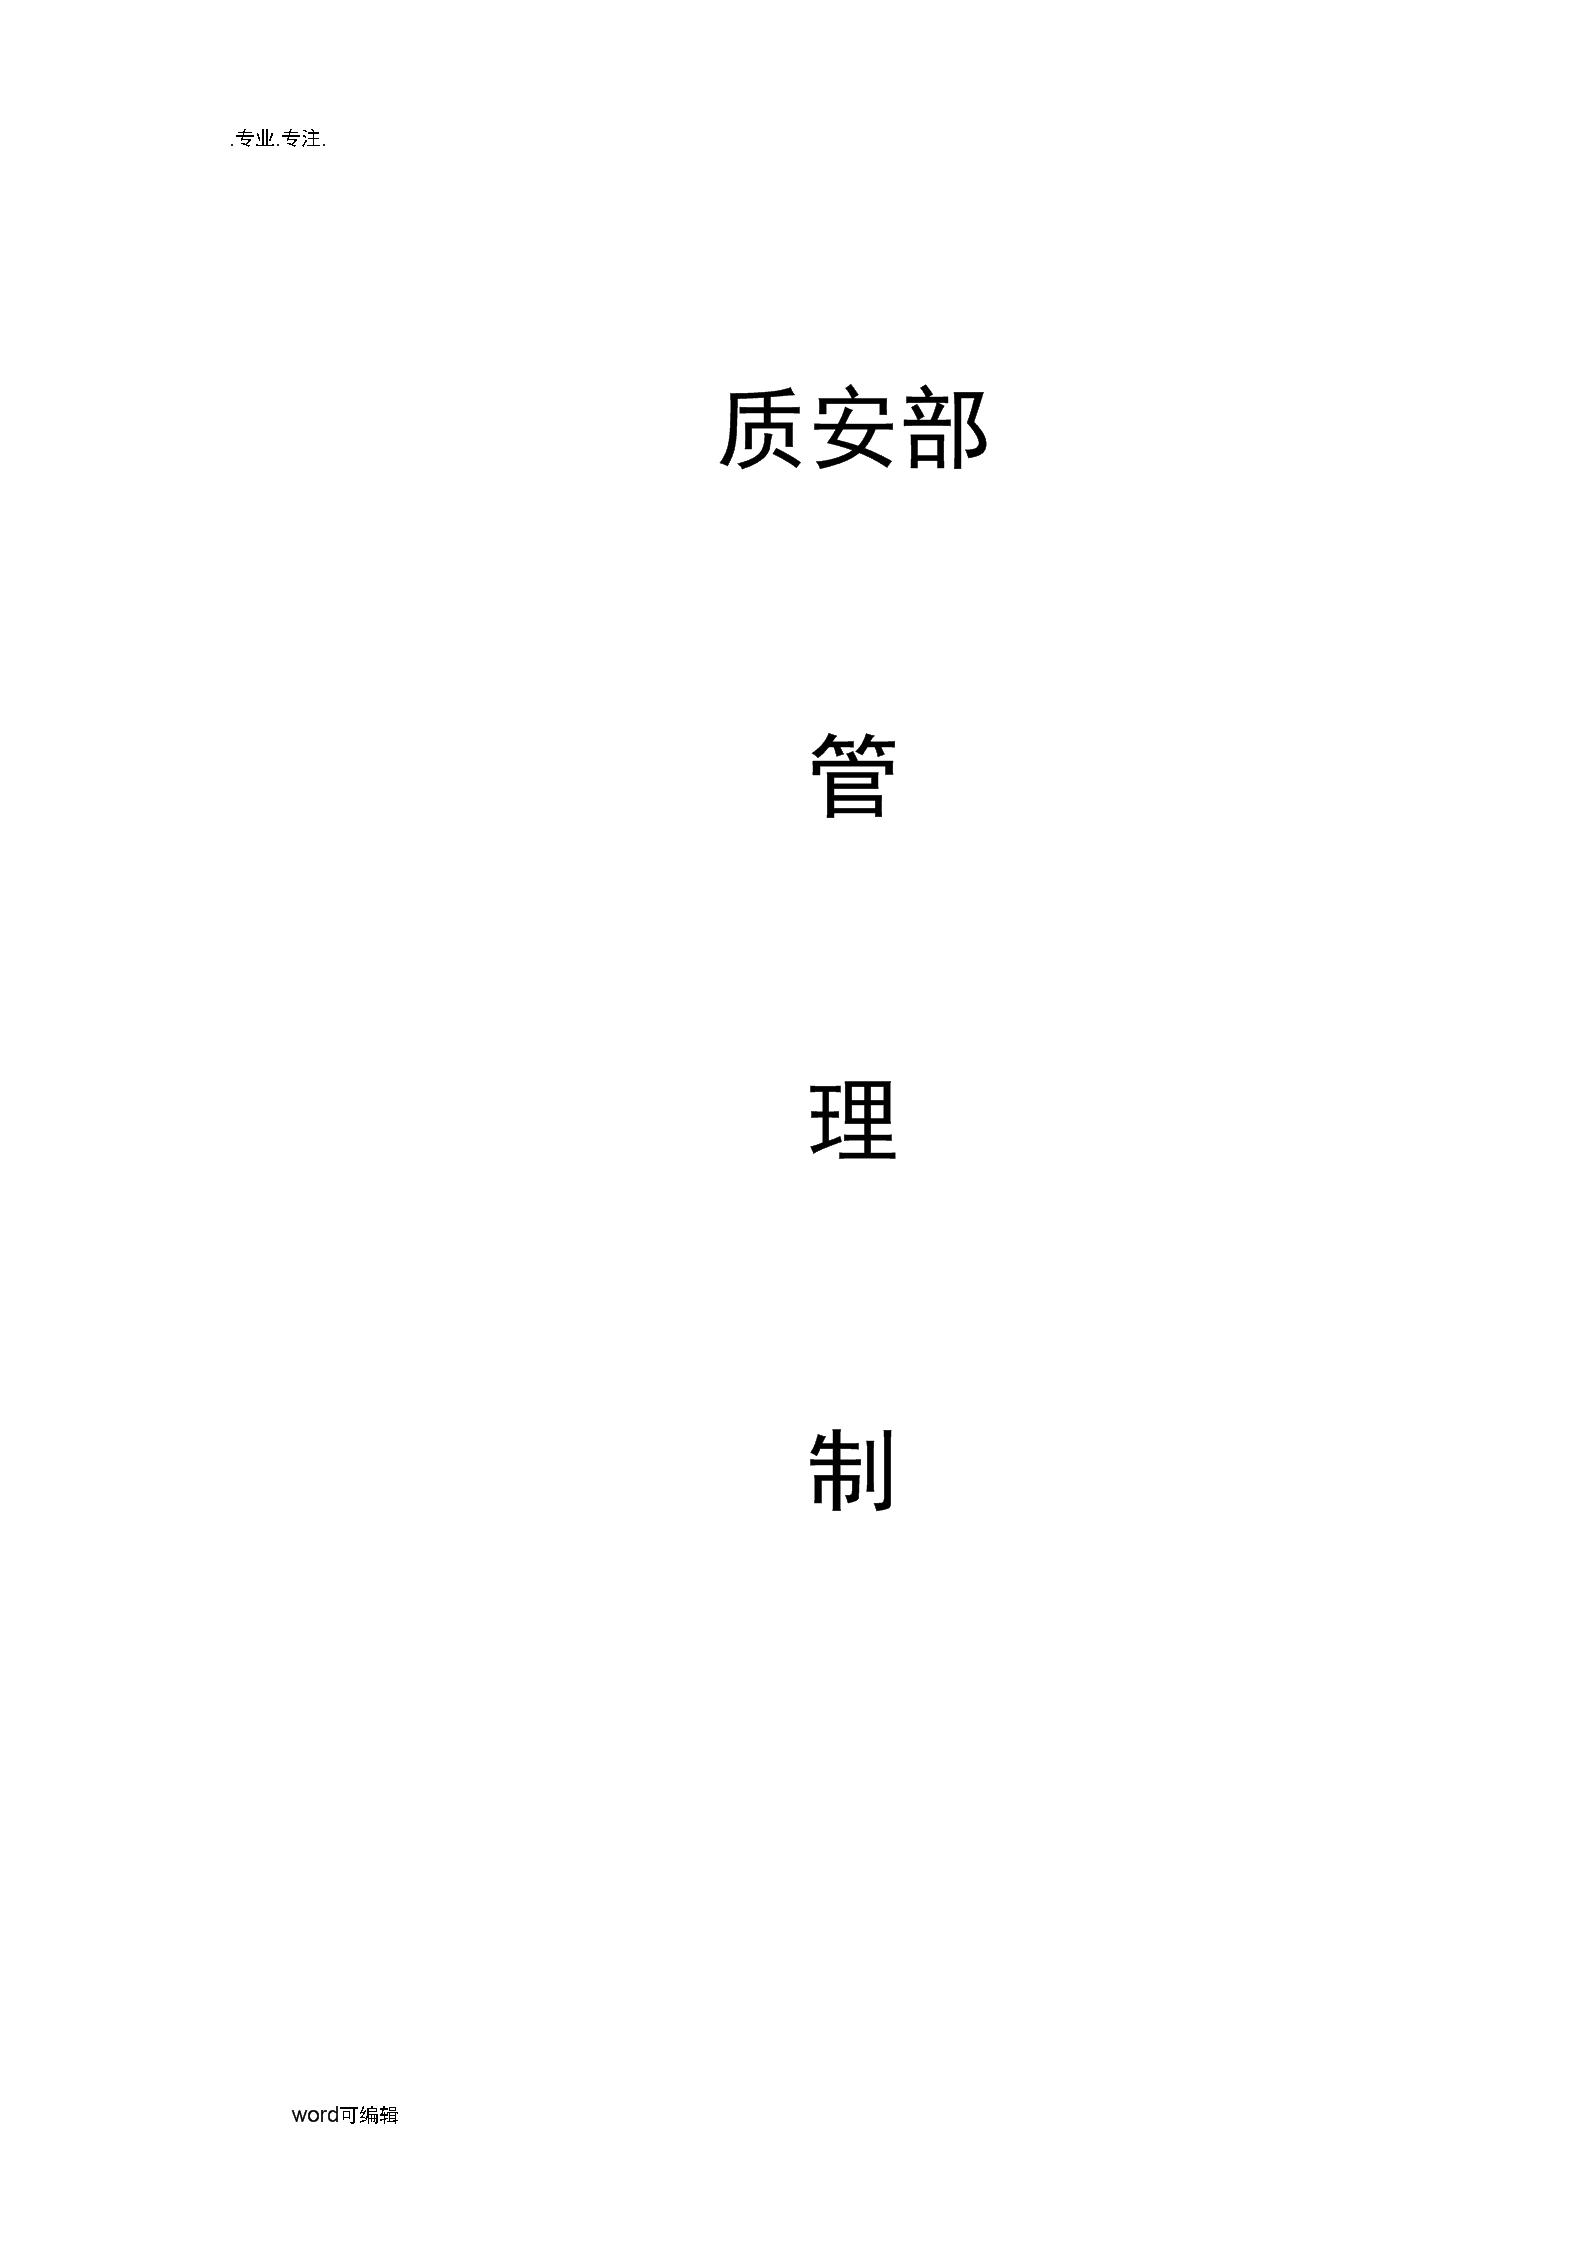 建筑公司质安部科管理制度汇编.docx